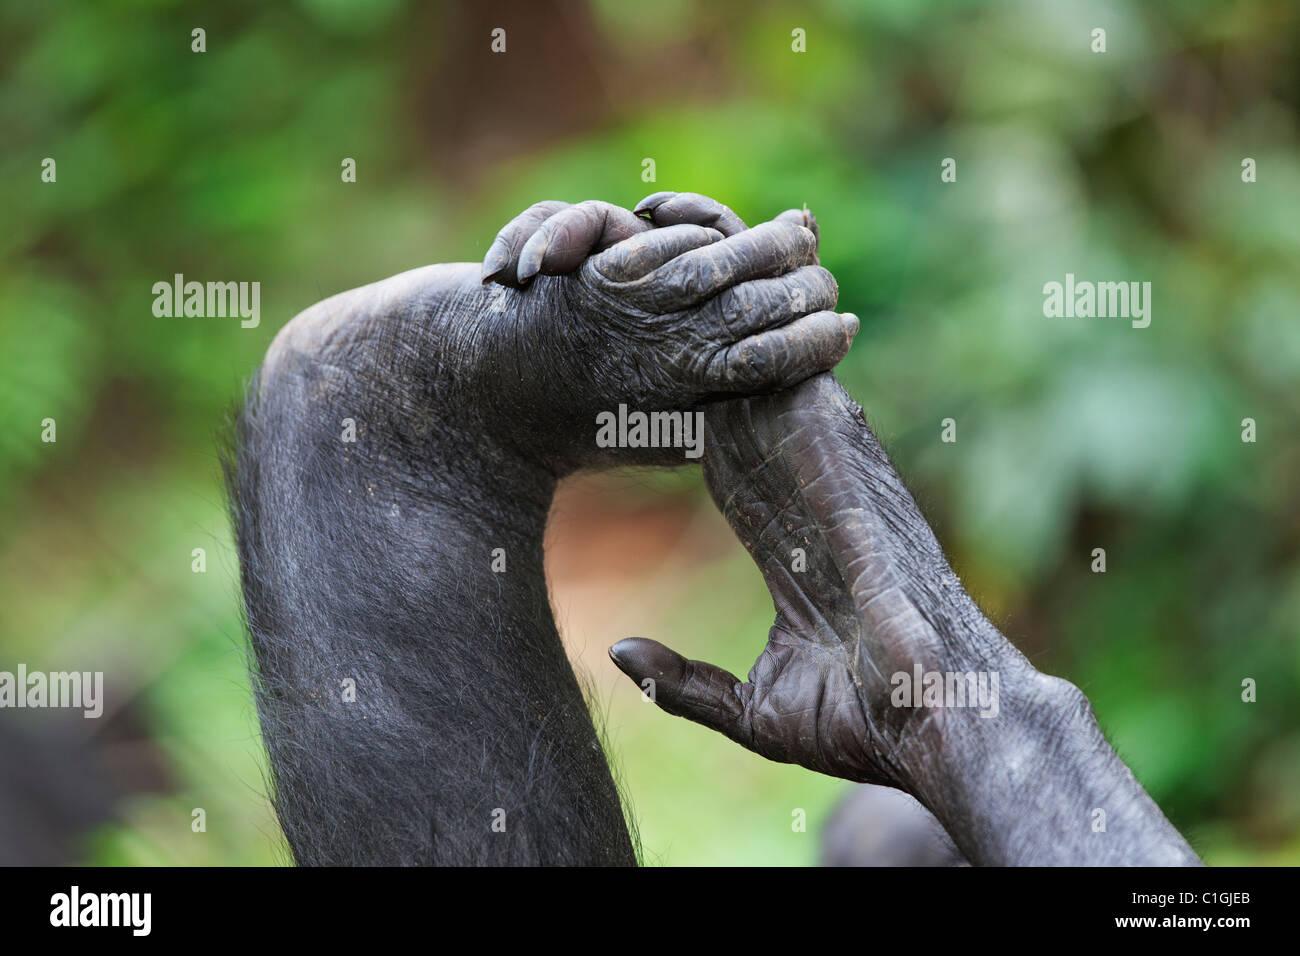 Main et pied de chimpanzé Bonobo au Sanctuaire Lola Ya Bonobo, République démocratique du Congo Photo Stock